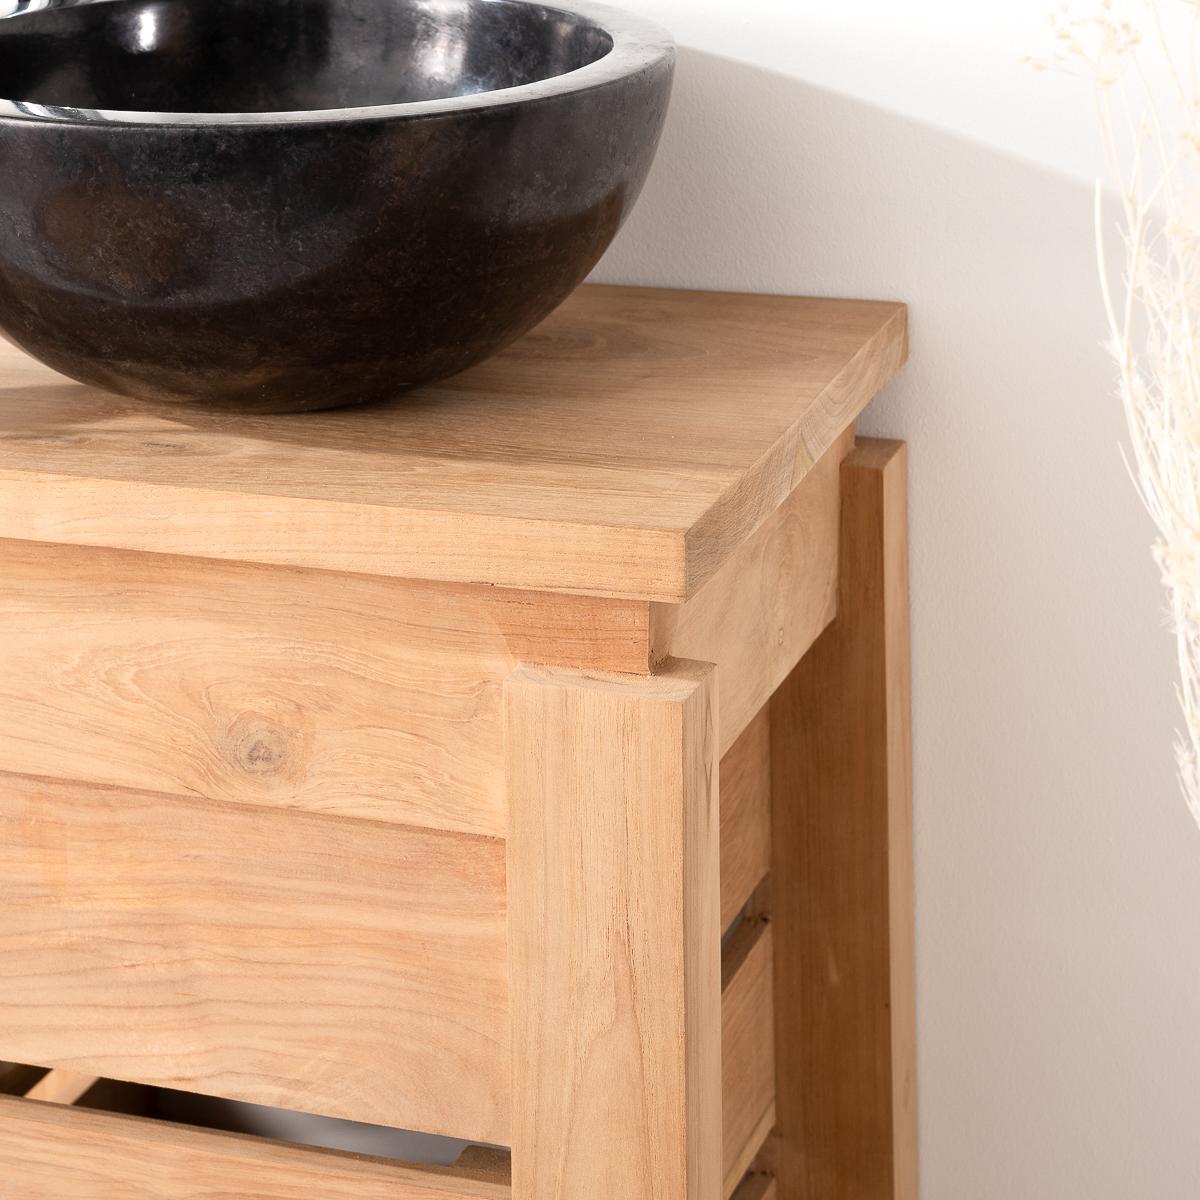 Meuble sous vasque simple vasque en bois teck massif zen rectangle naturel l 40 cm - Petit meuble vasque salle de bain ...